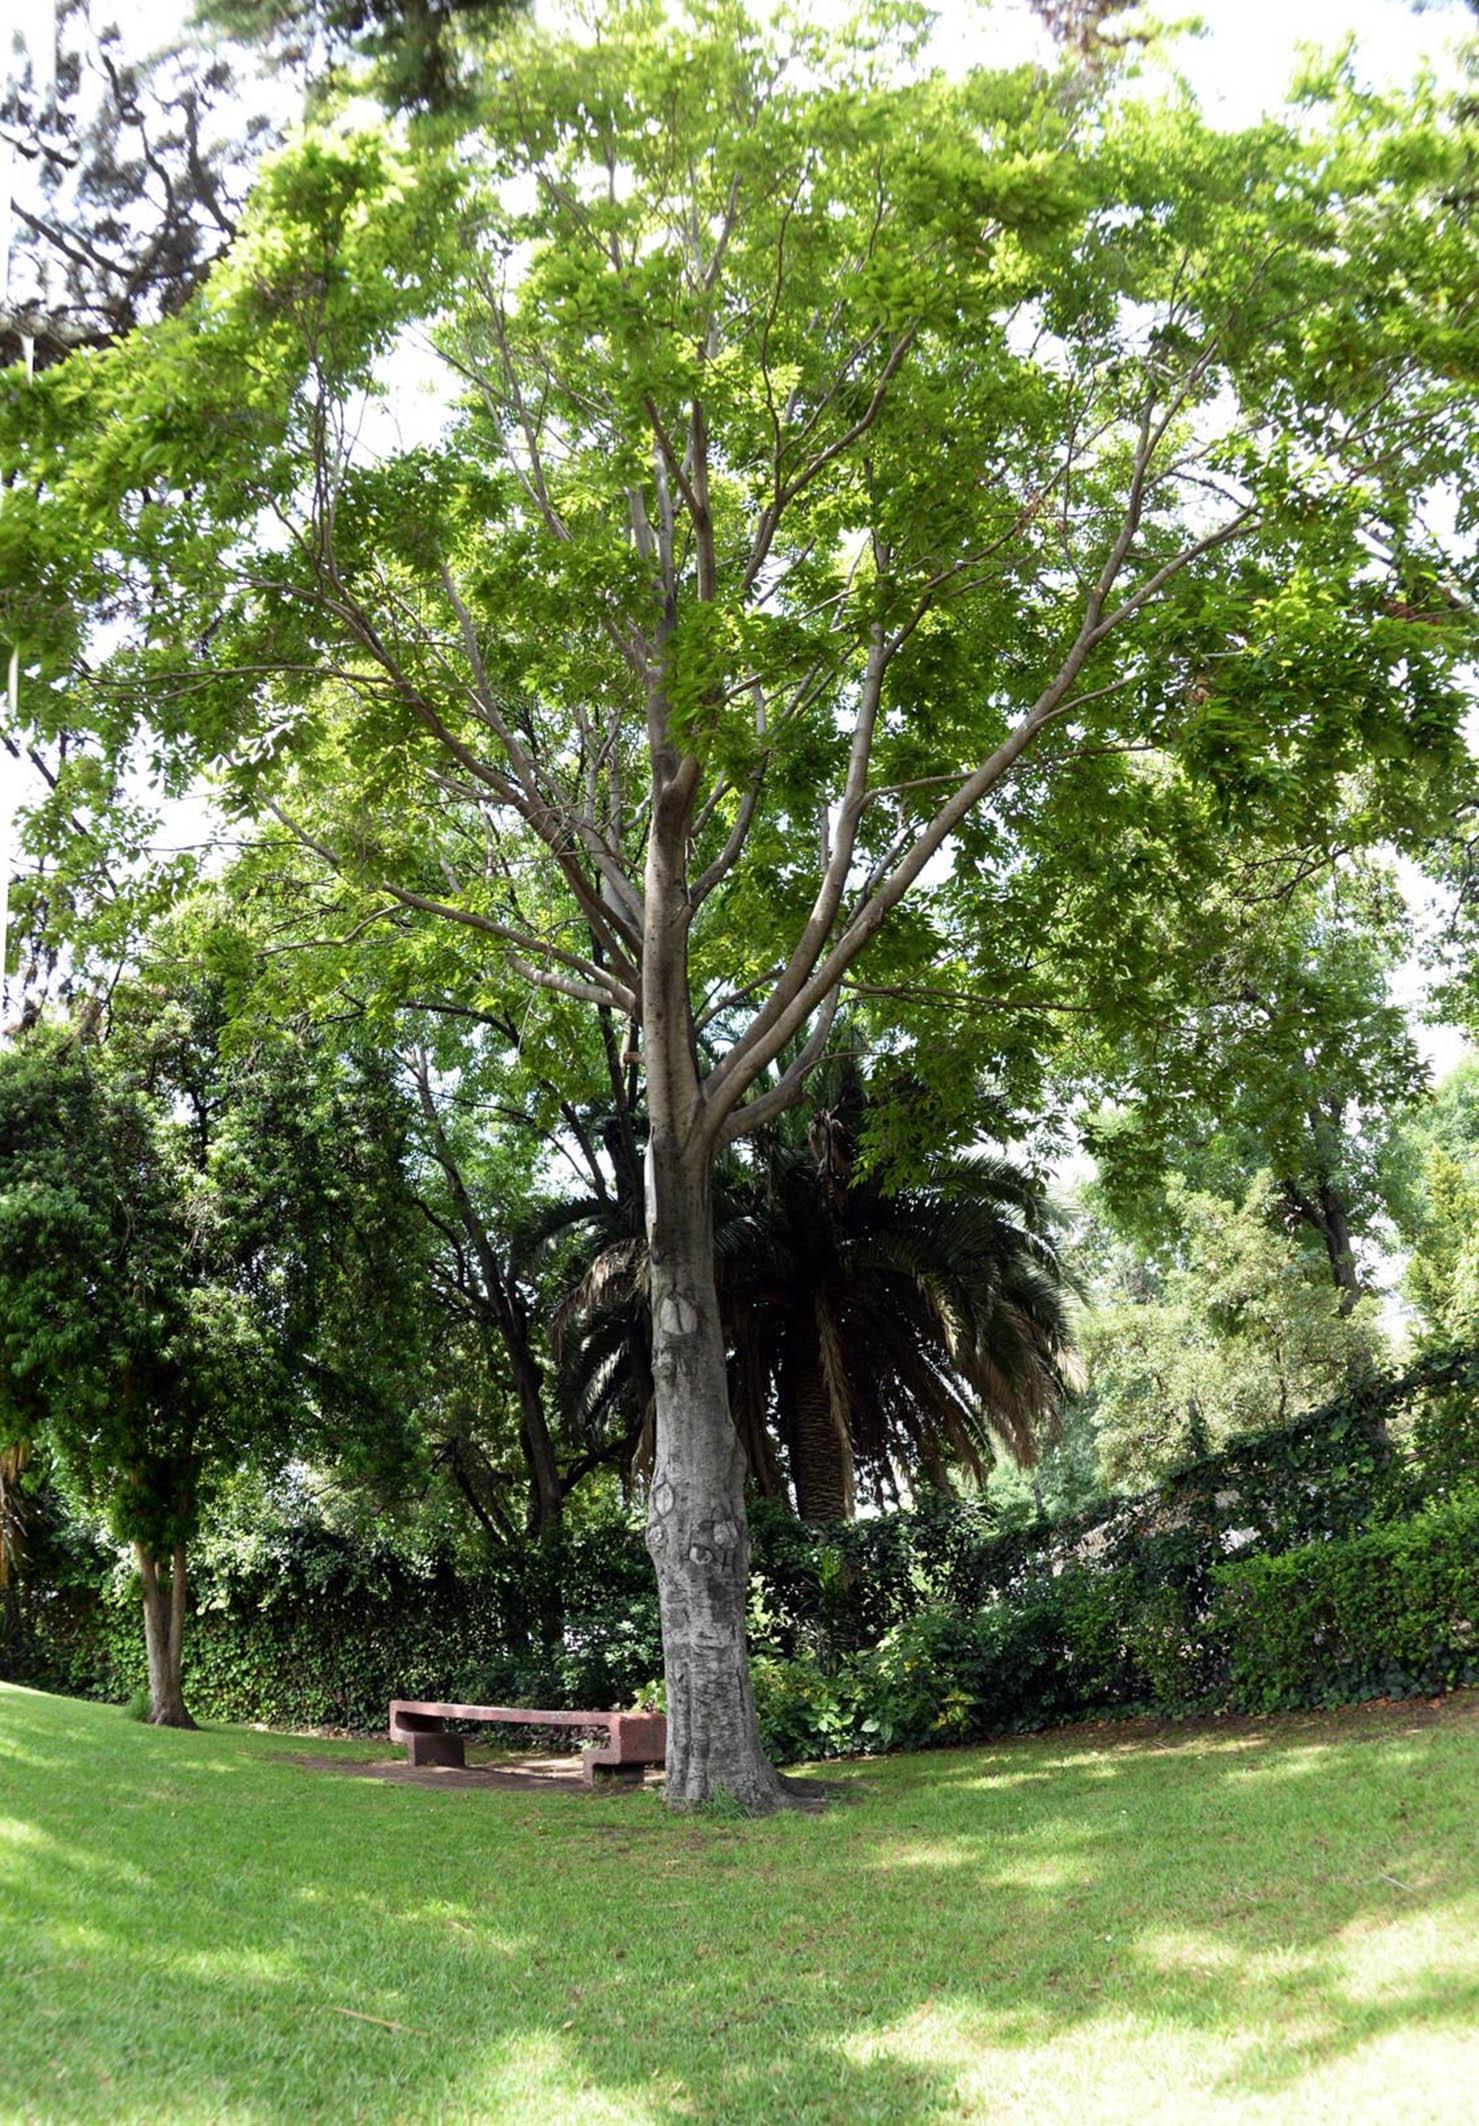 Produce la unam casi 65 mil plantas al a o para su demanda for Jardin botanico unam 2015